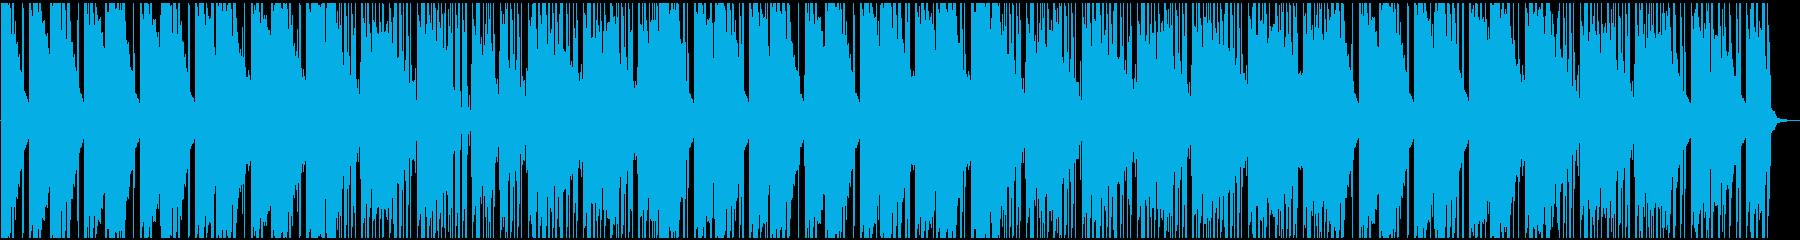 軽快なビートサウンドの再生済みの波形